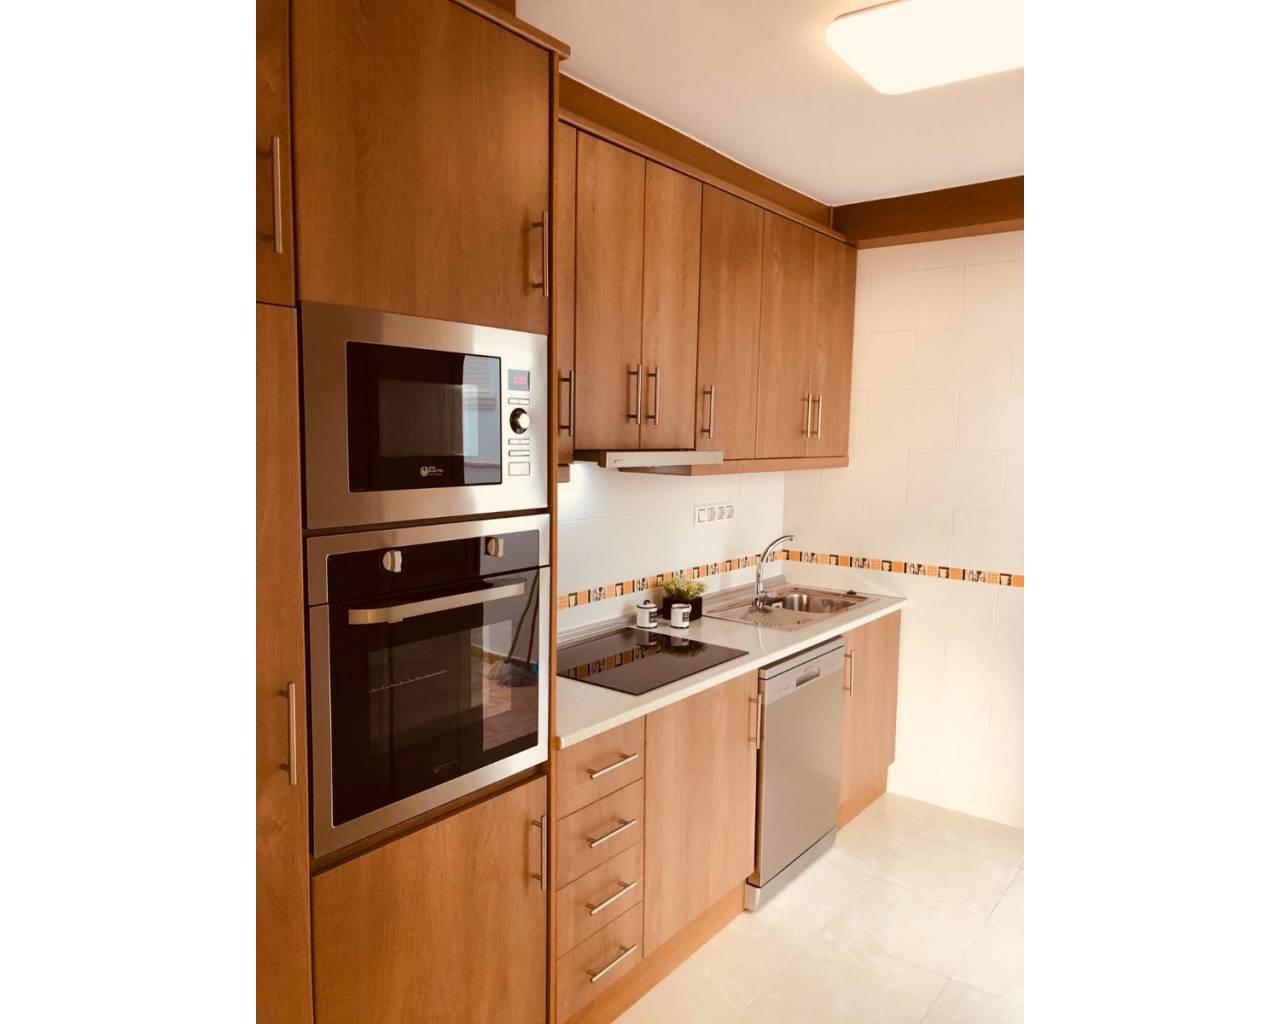 nieuwbouw-geschakelde-woning-duplex-torrevieja-los-balcones_5333_xl